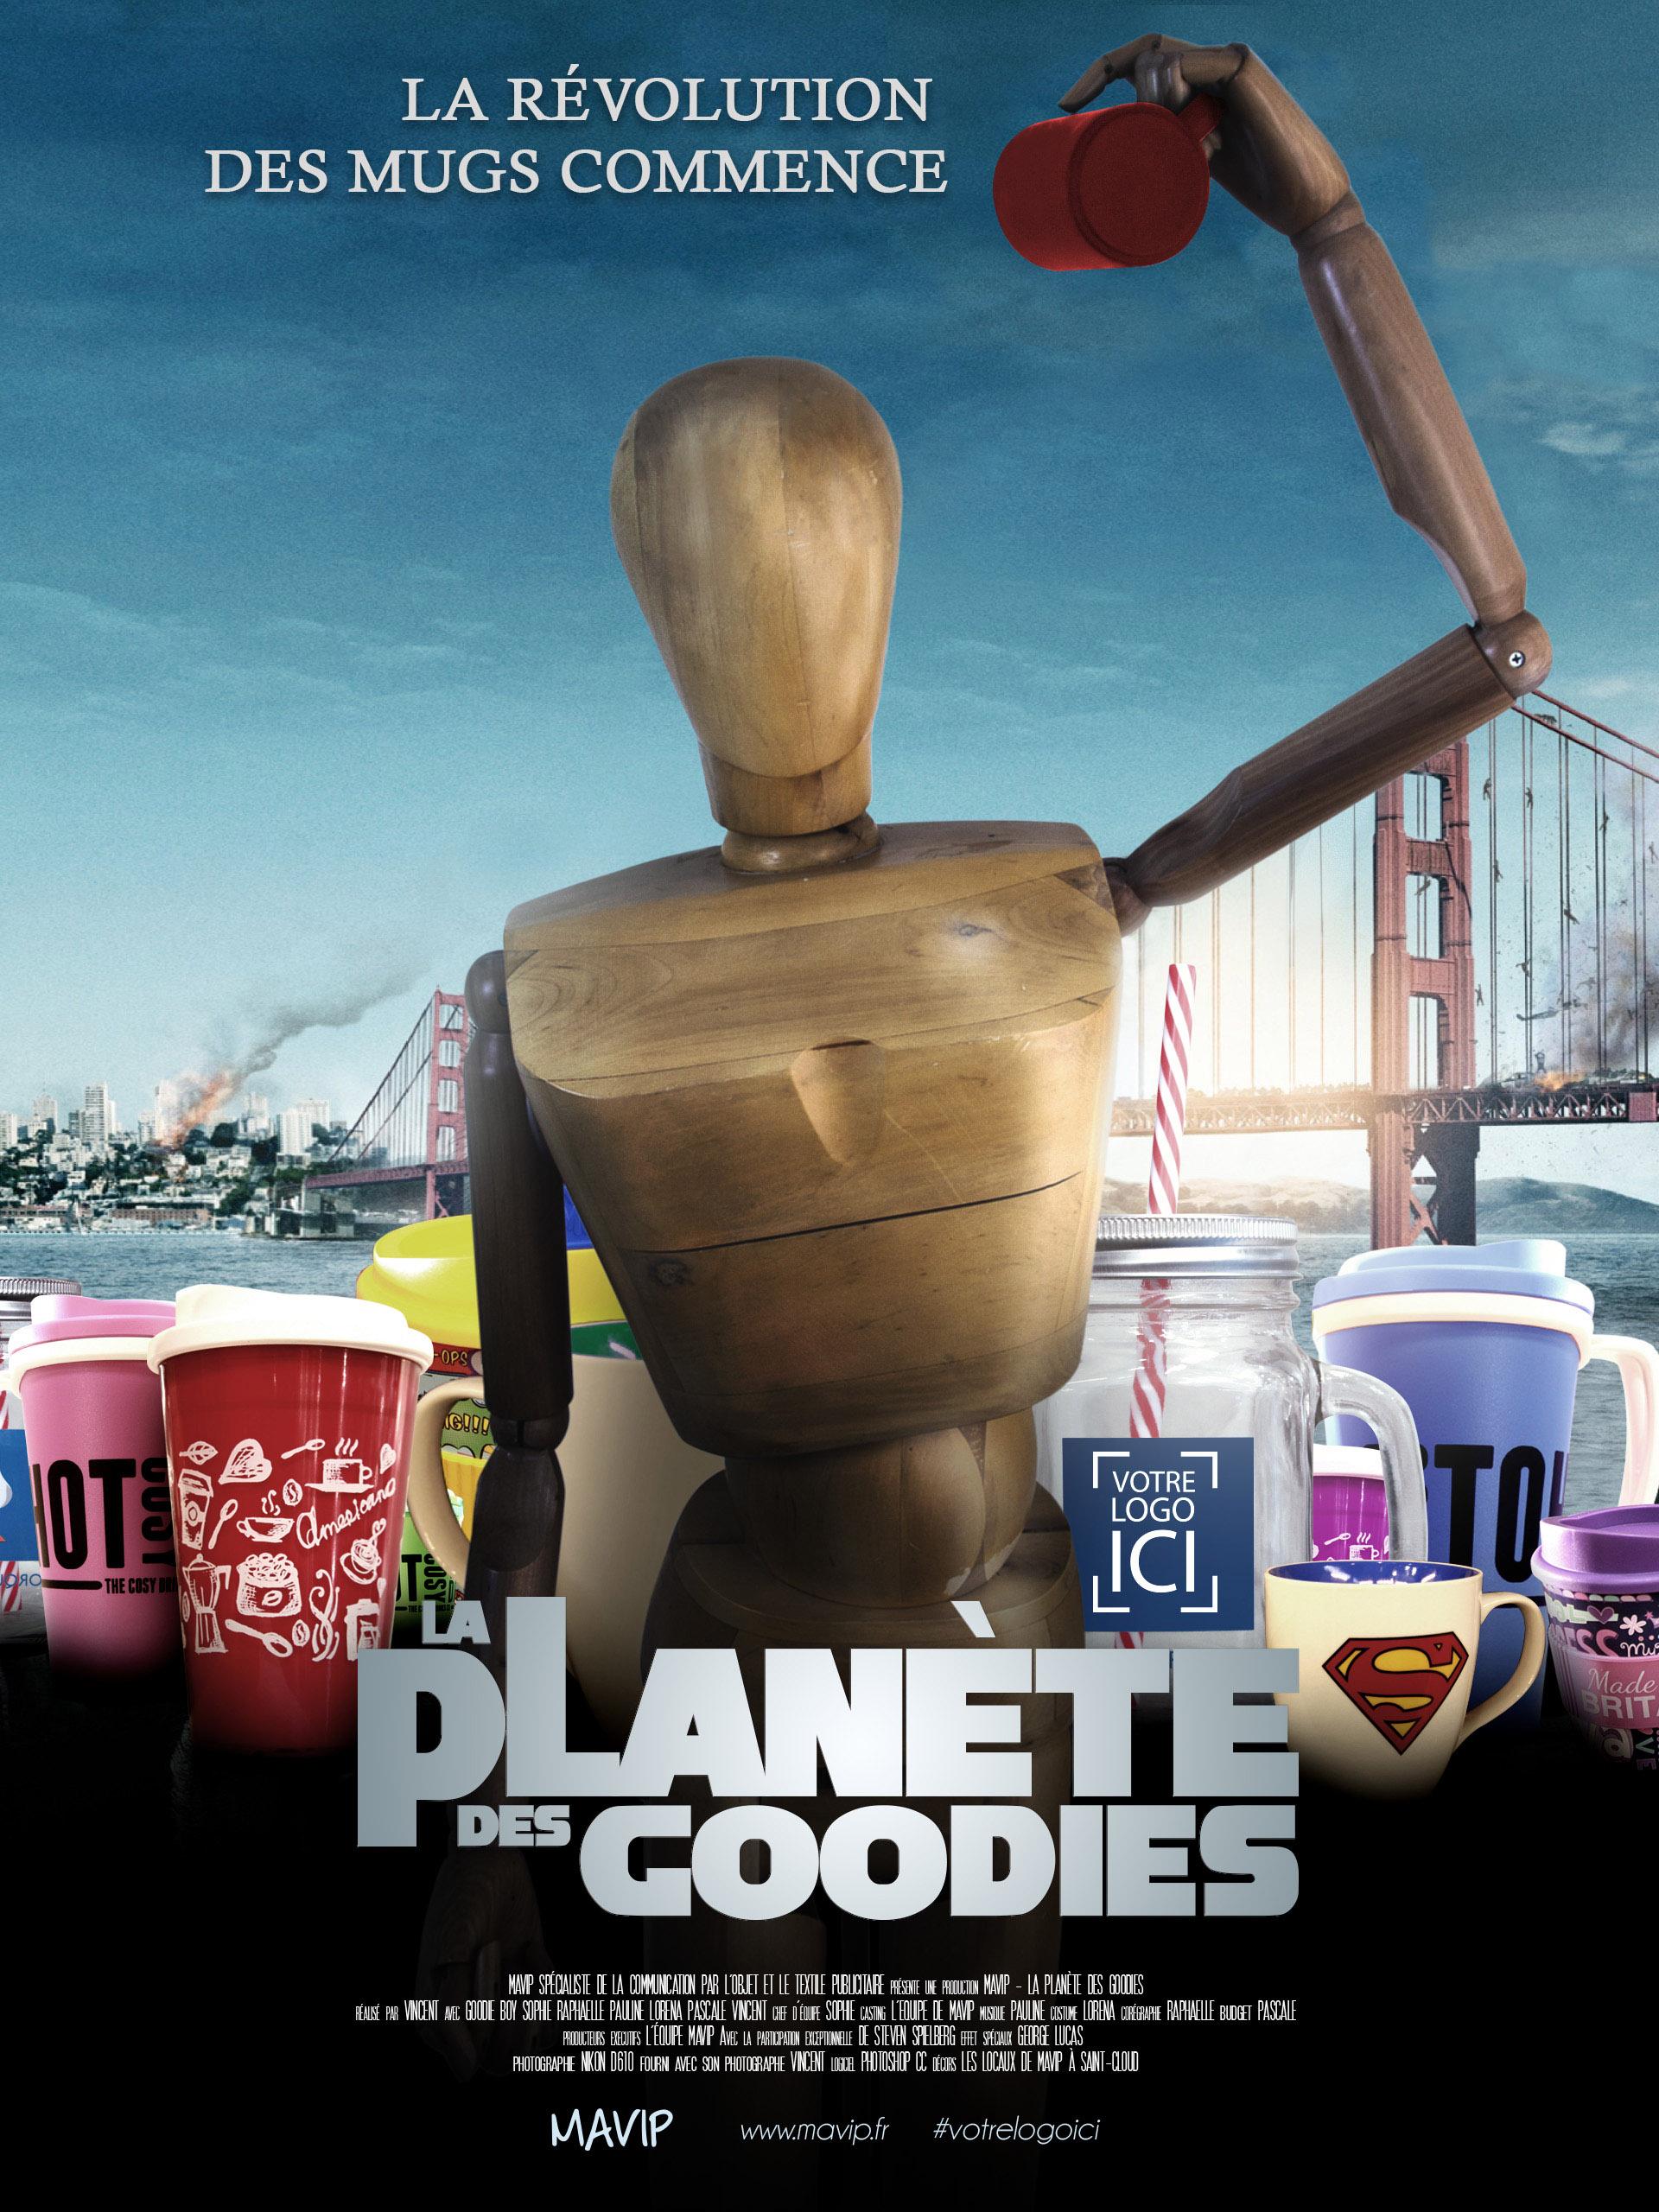 La planète des singes avec des objets pub et Goodie Boy